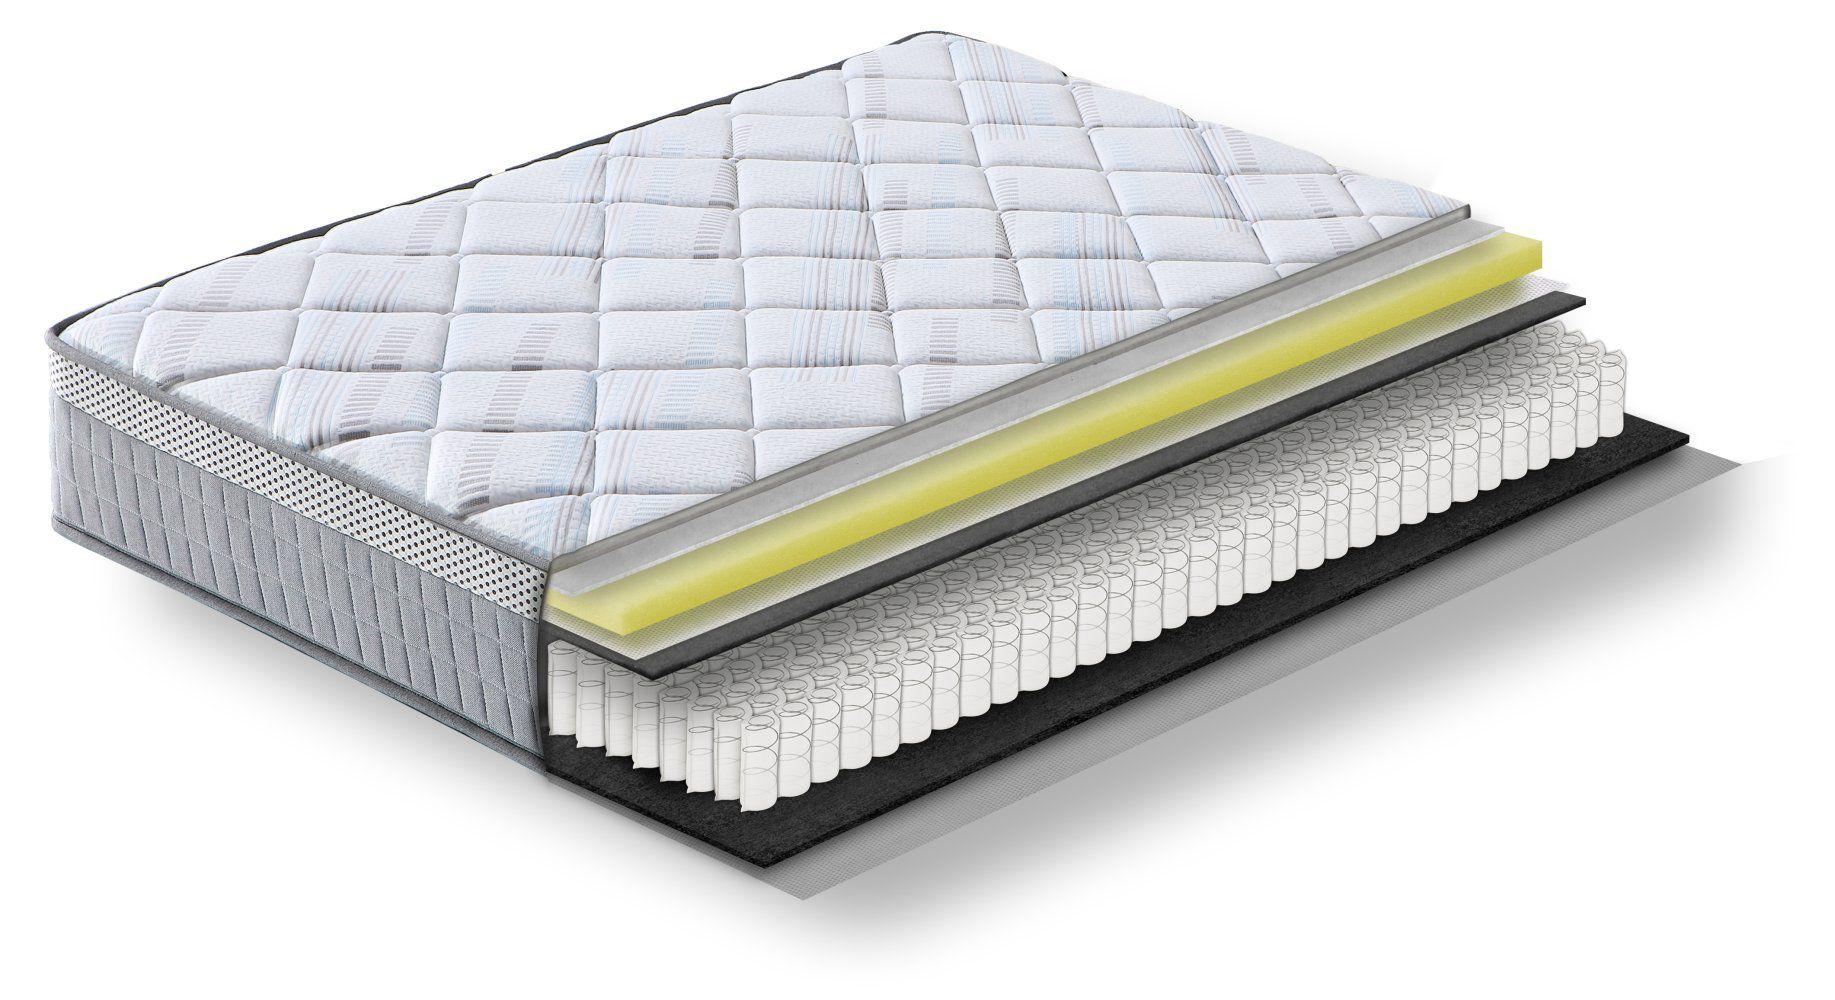 Steiner Premium Matratze Wonder mit Taschenfederkern - Größe: 90 x 200 cm, Härtegrad H3, Höhe: 25 cm